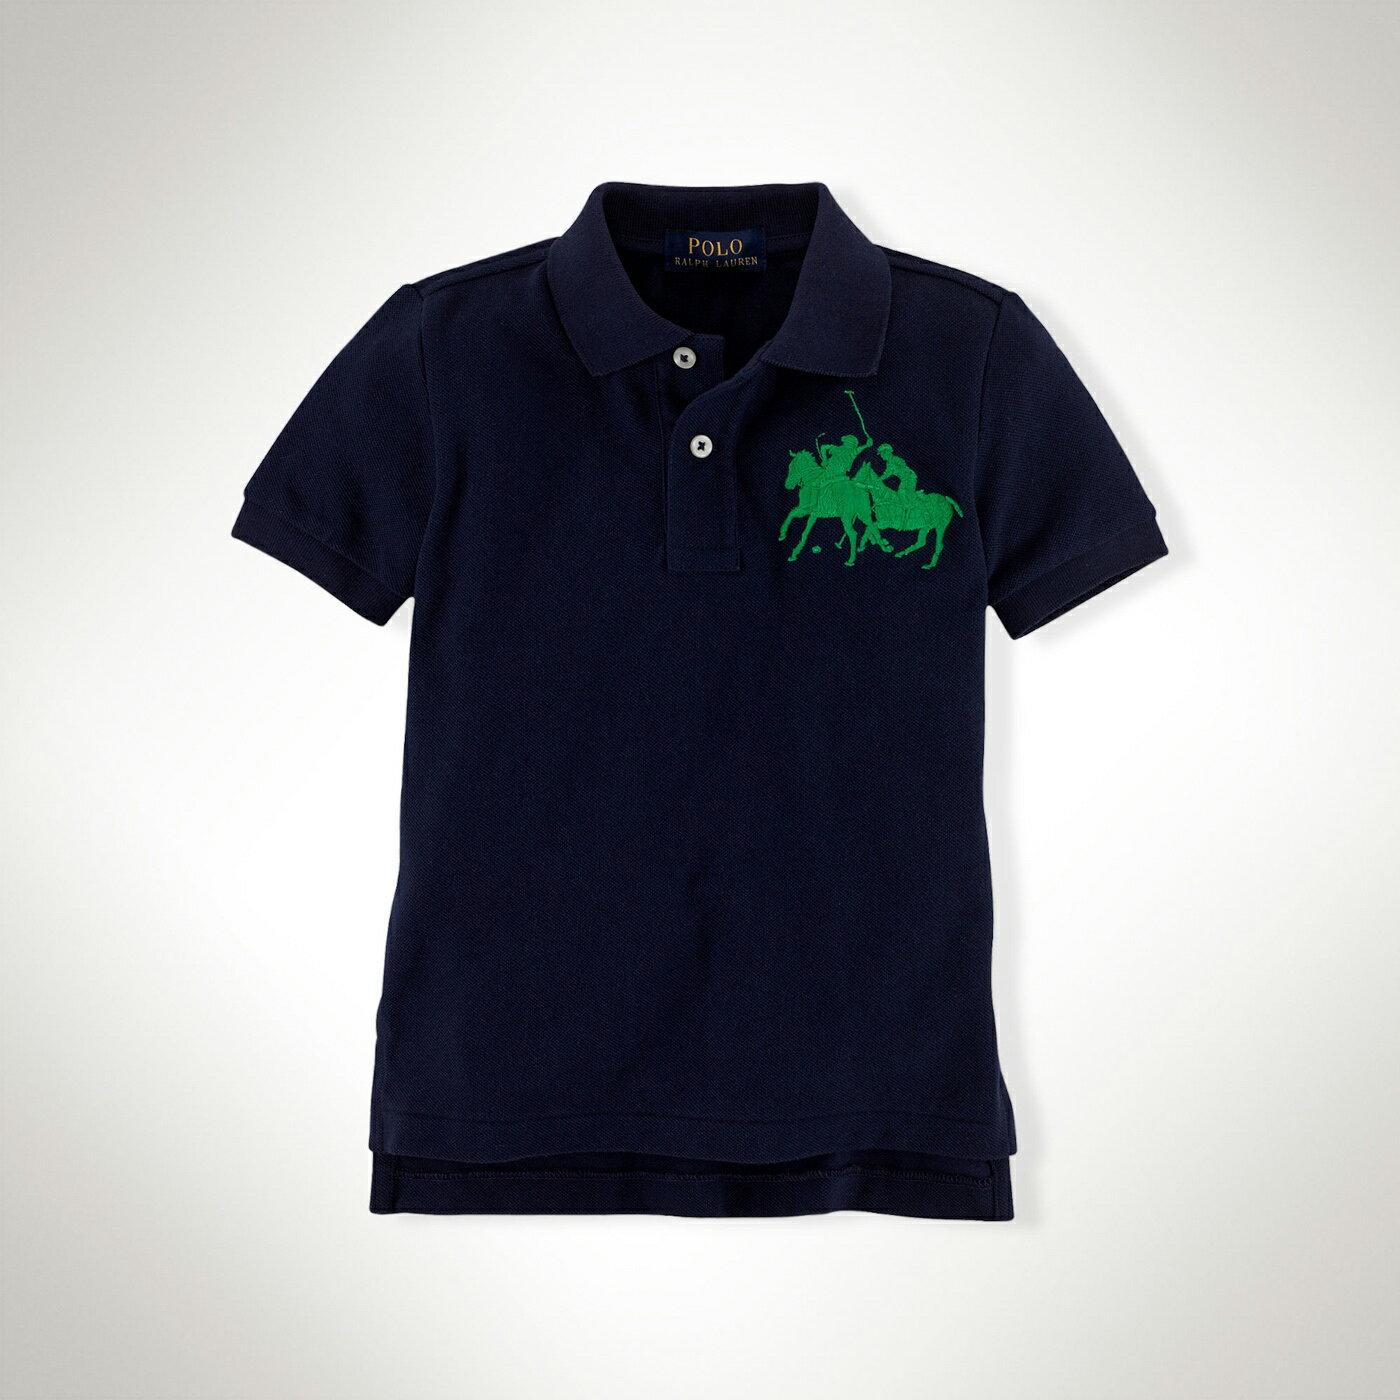 美國百分百【全新真品】Ralph Lauren Polo衫 RL 大馬 群馬 男 深藍 短袖 上衣 XS S號 F410